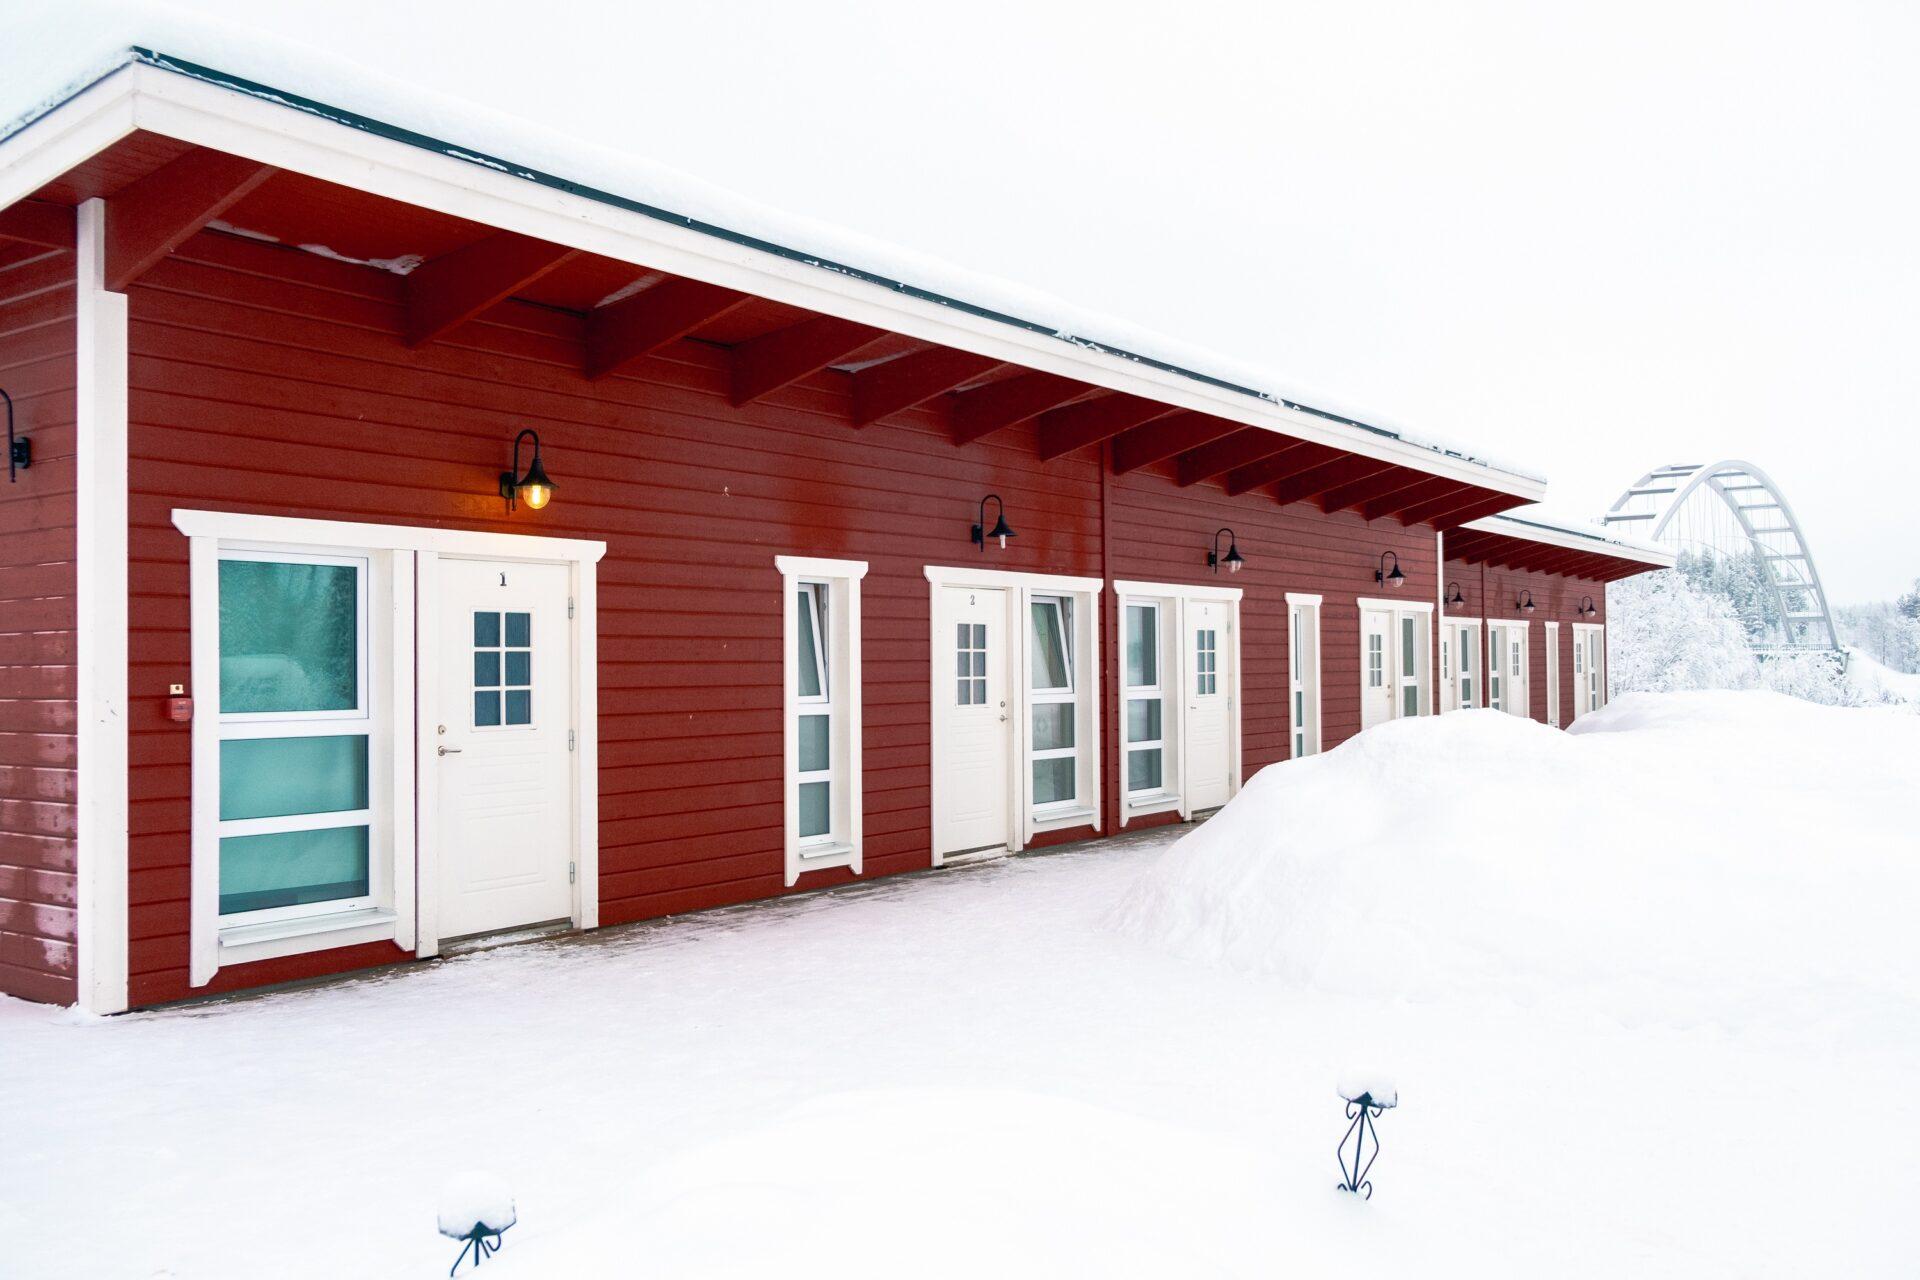 De kamers van de Lappeasuando Lodge.